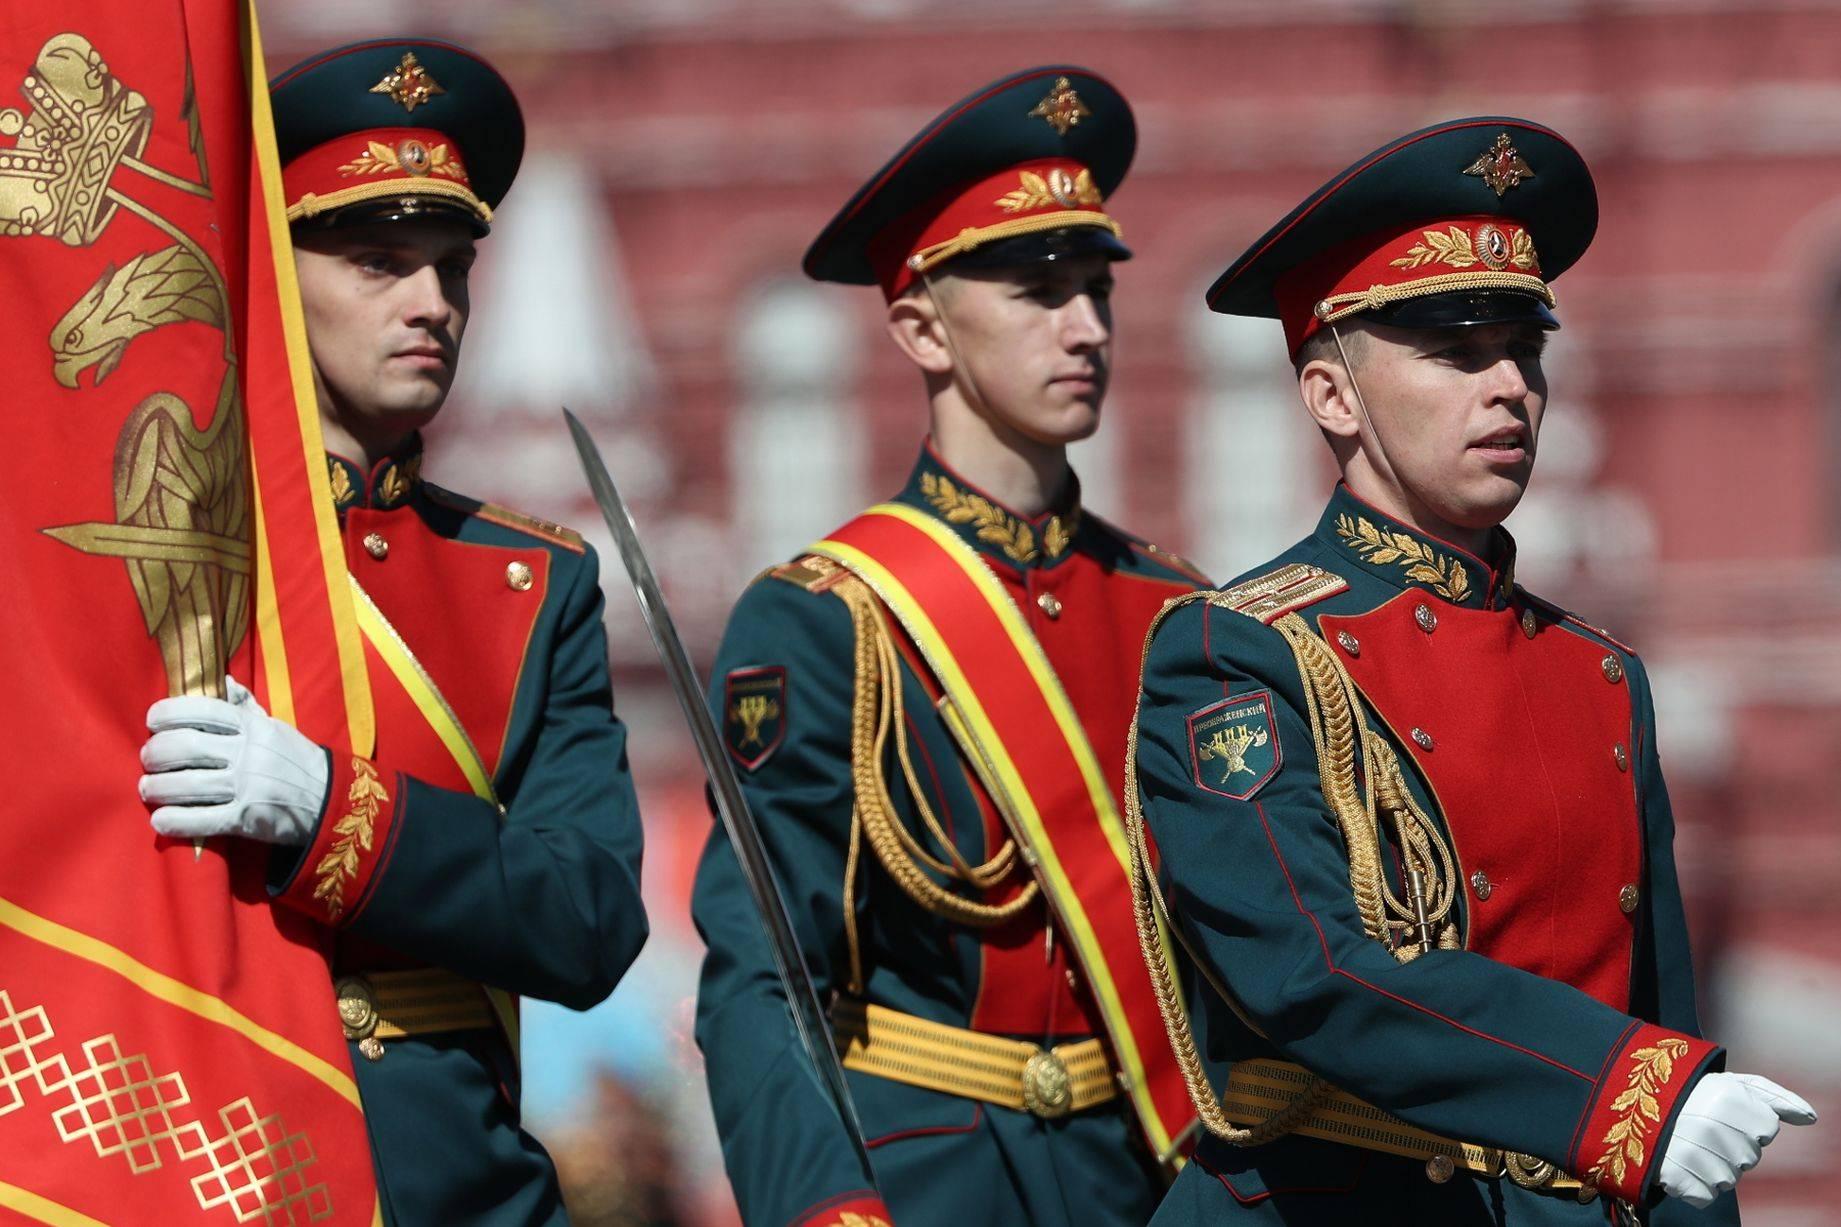 俄军154独立警卫团,出镜率很高的仪仗队,红场阅兵列入女兵排